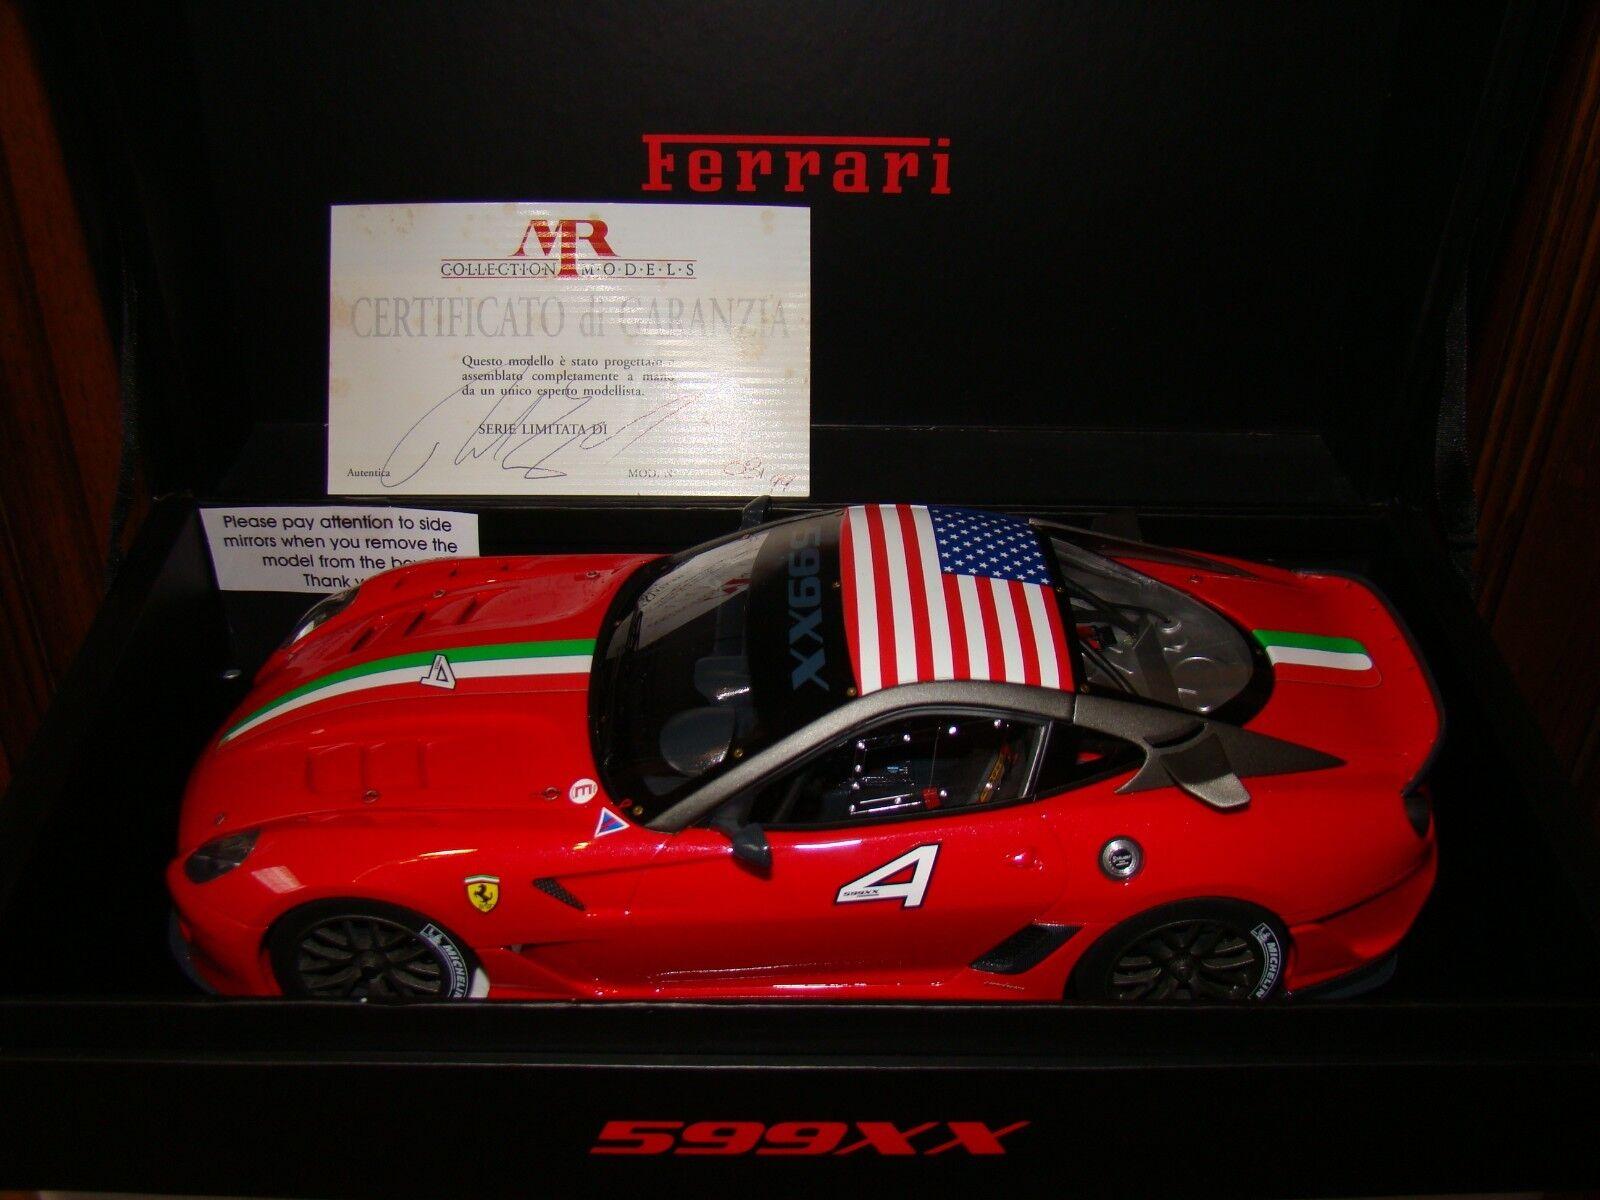 Ferrari 599xx Mr Collection 1 18 Eme Coche No 4 Rojo Limited 99Uds